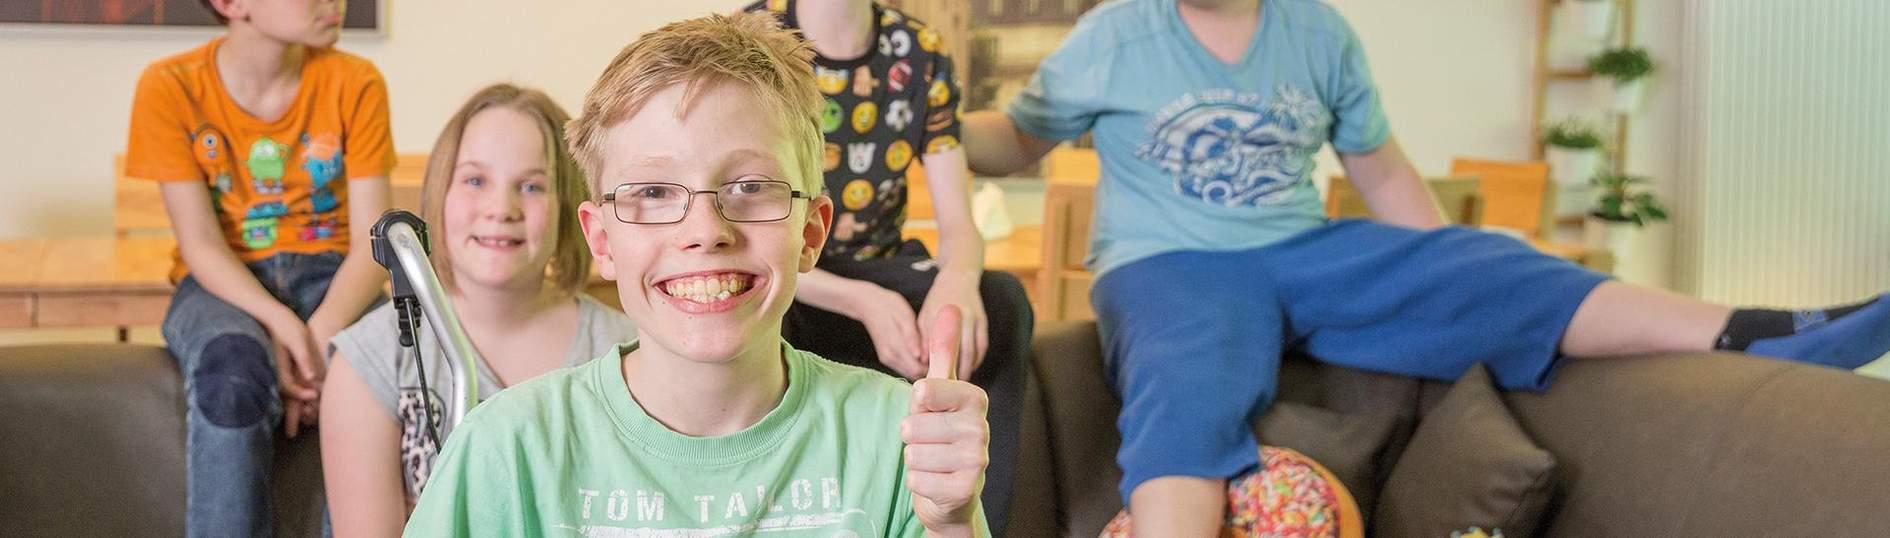 Leben im Internat - SRH Stephen-Hawking-Schule